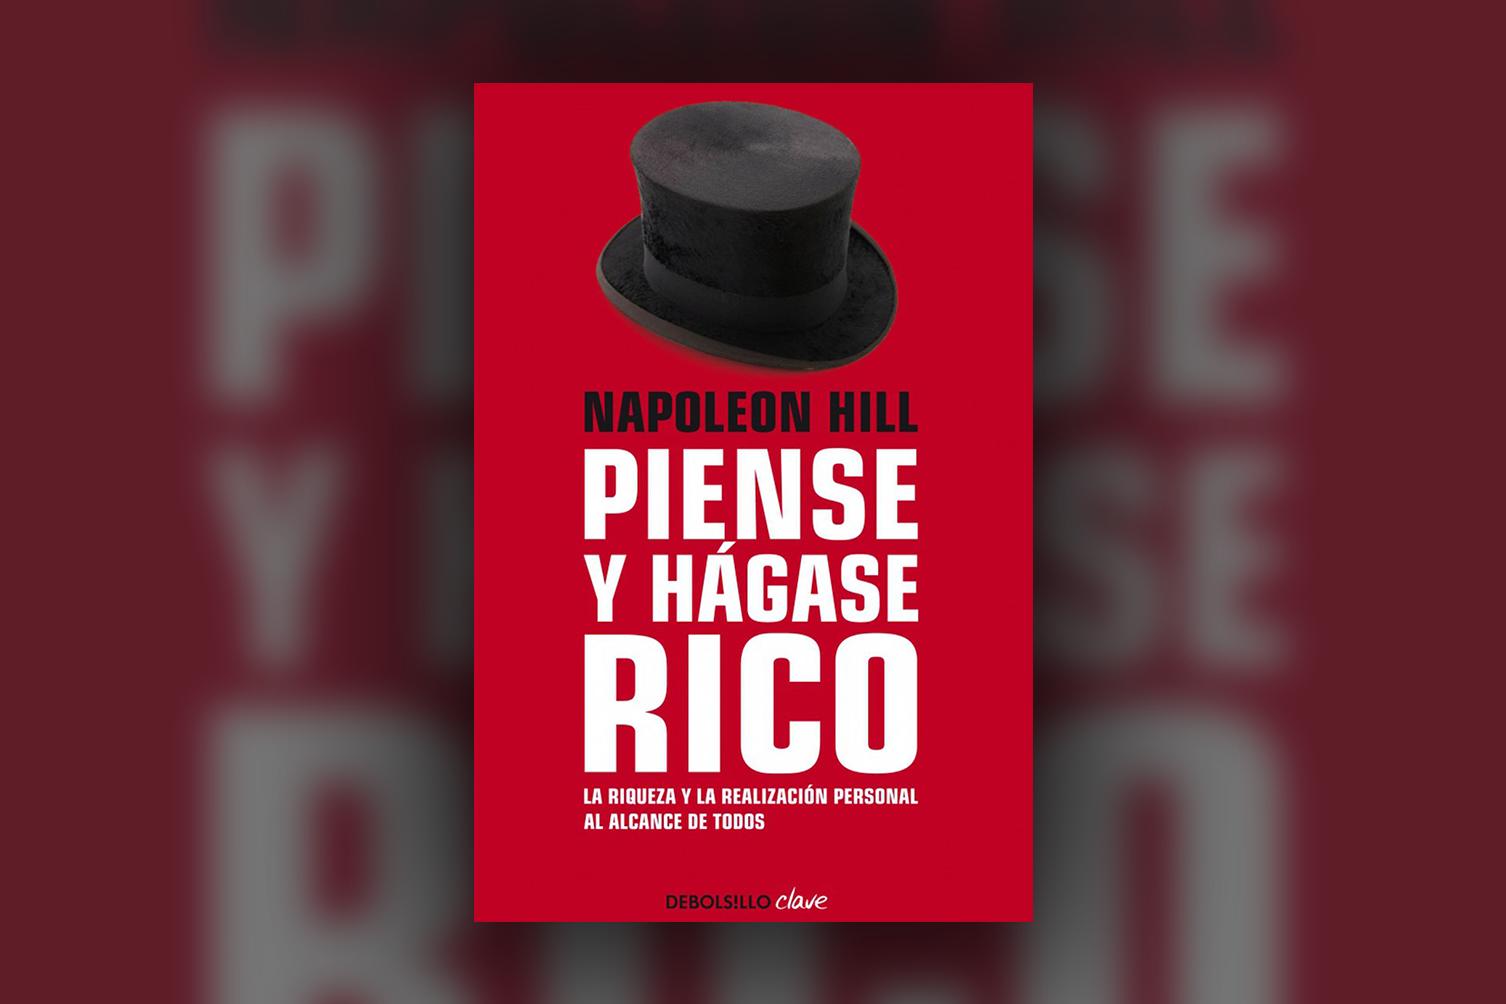 Napoleón Hill escribió el libro piense y hágase rico, en el dice: – SALUD Y  CASA